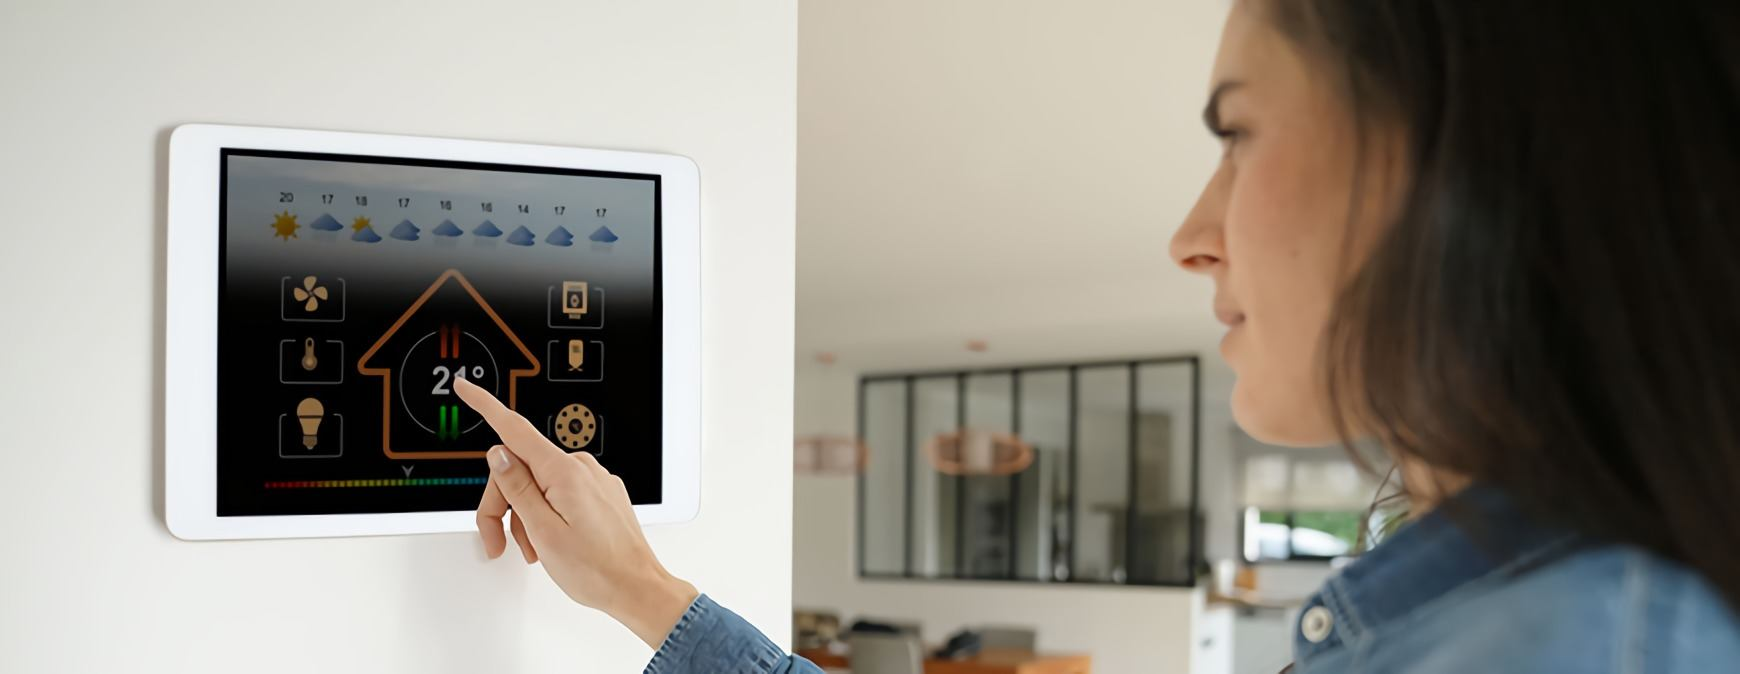 woman using smart hvac technology